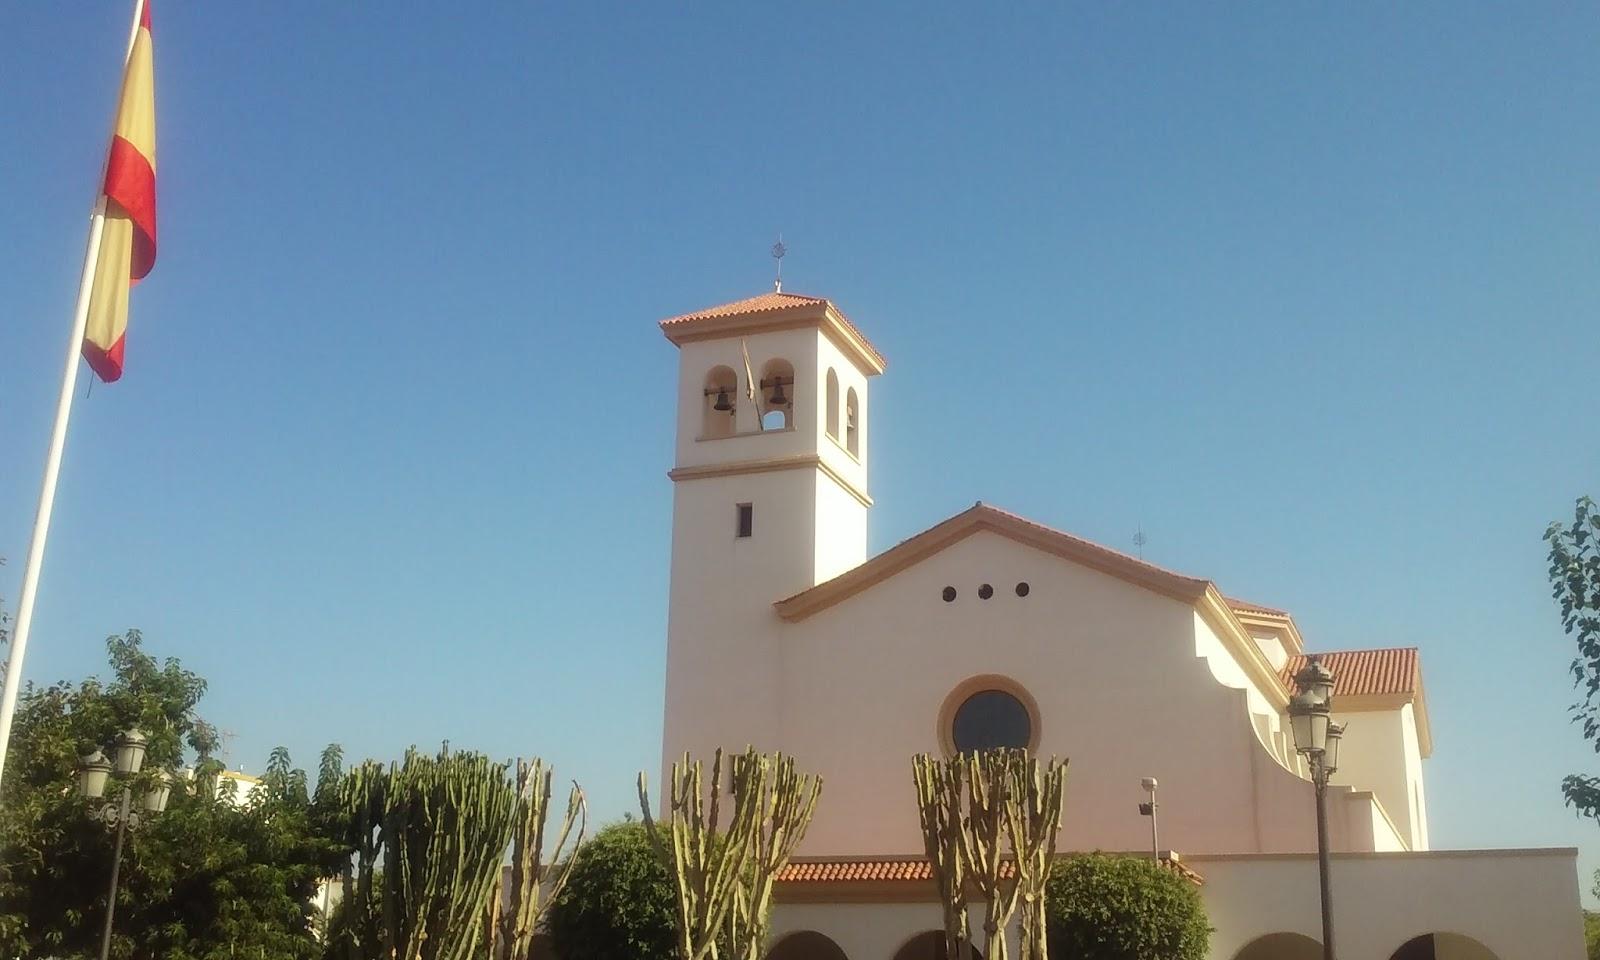 Adveniat catolicismo social del r gimen de franco la for Casa ciudad jardin almeria